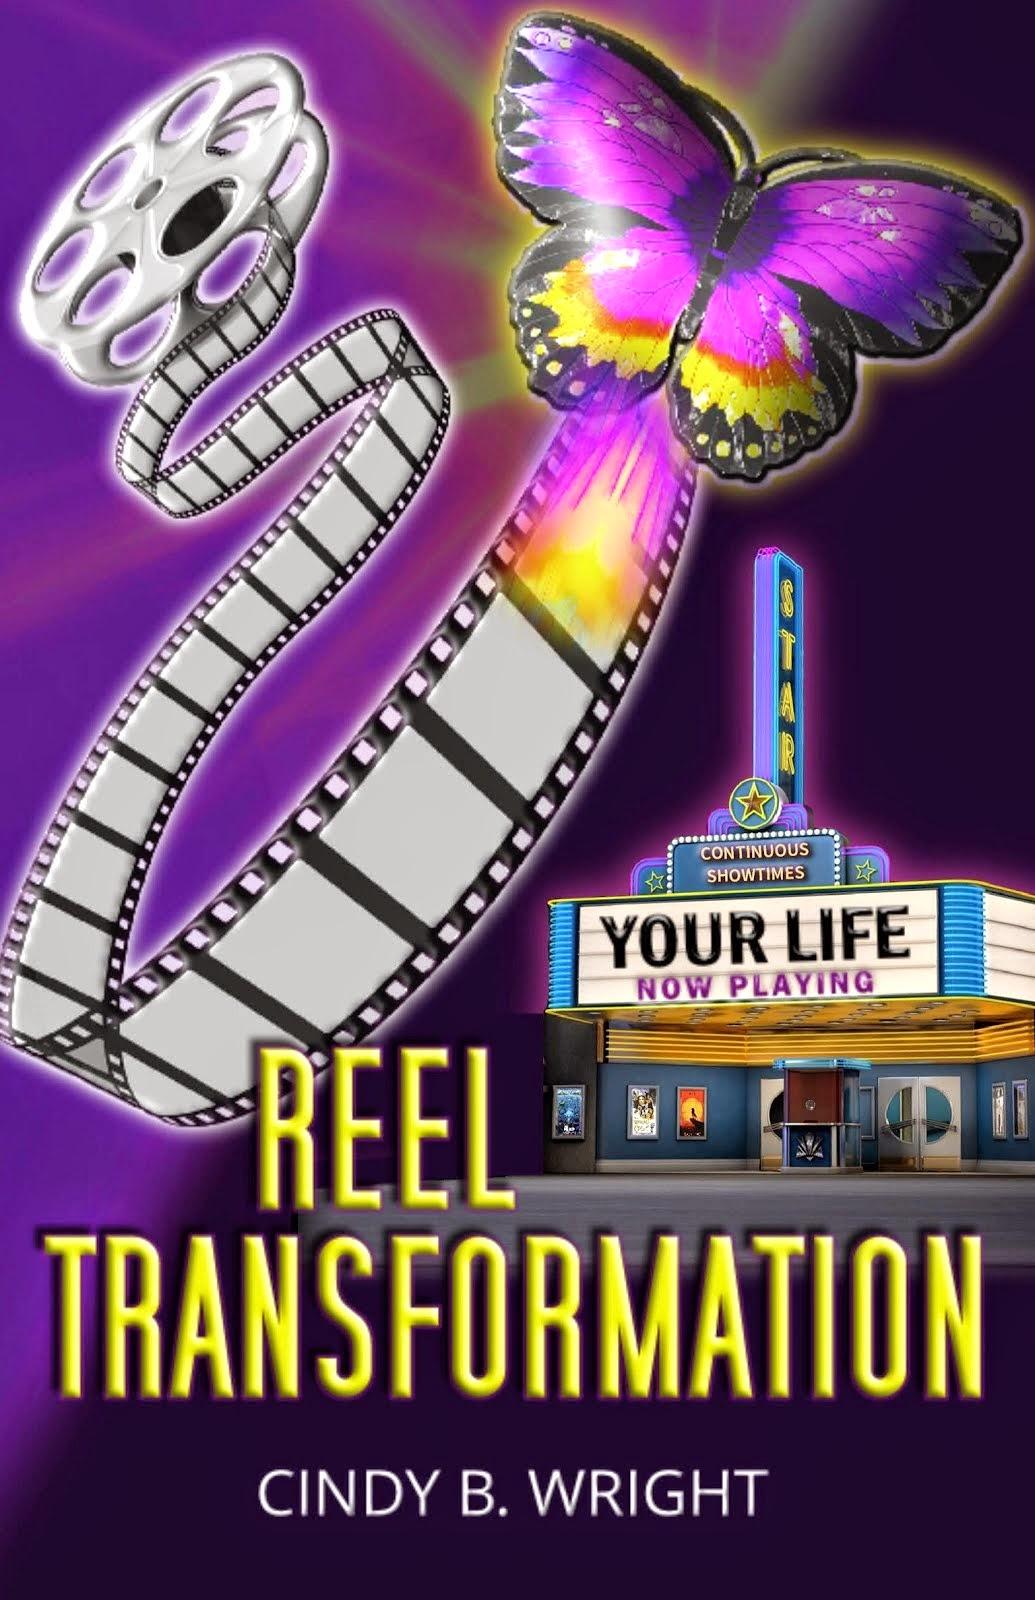 Reel Transformation